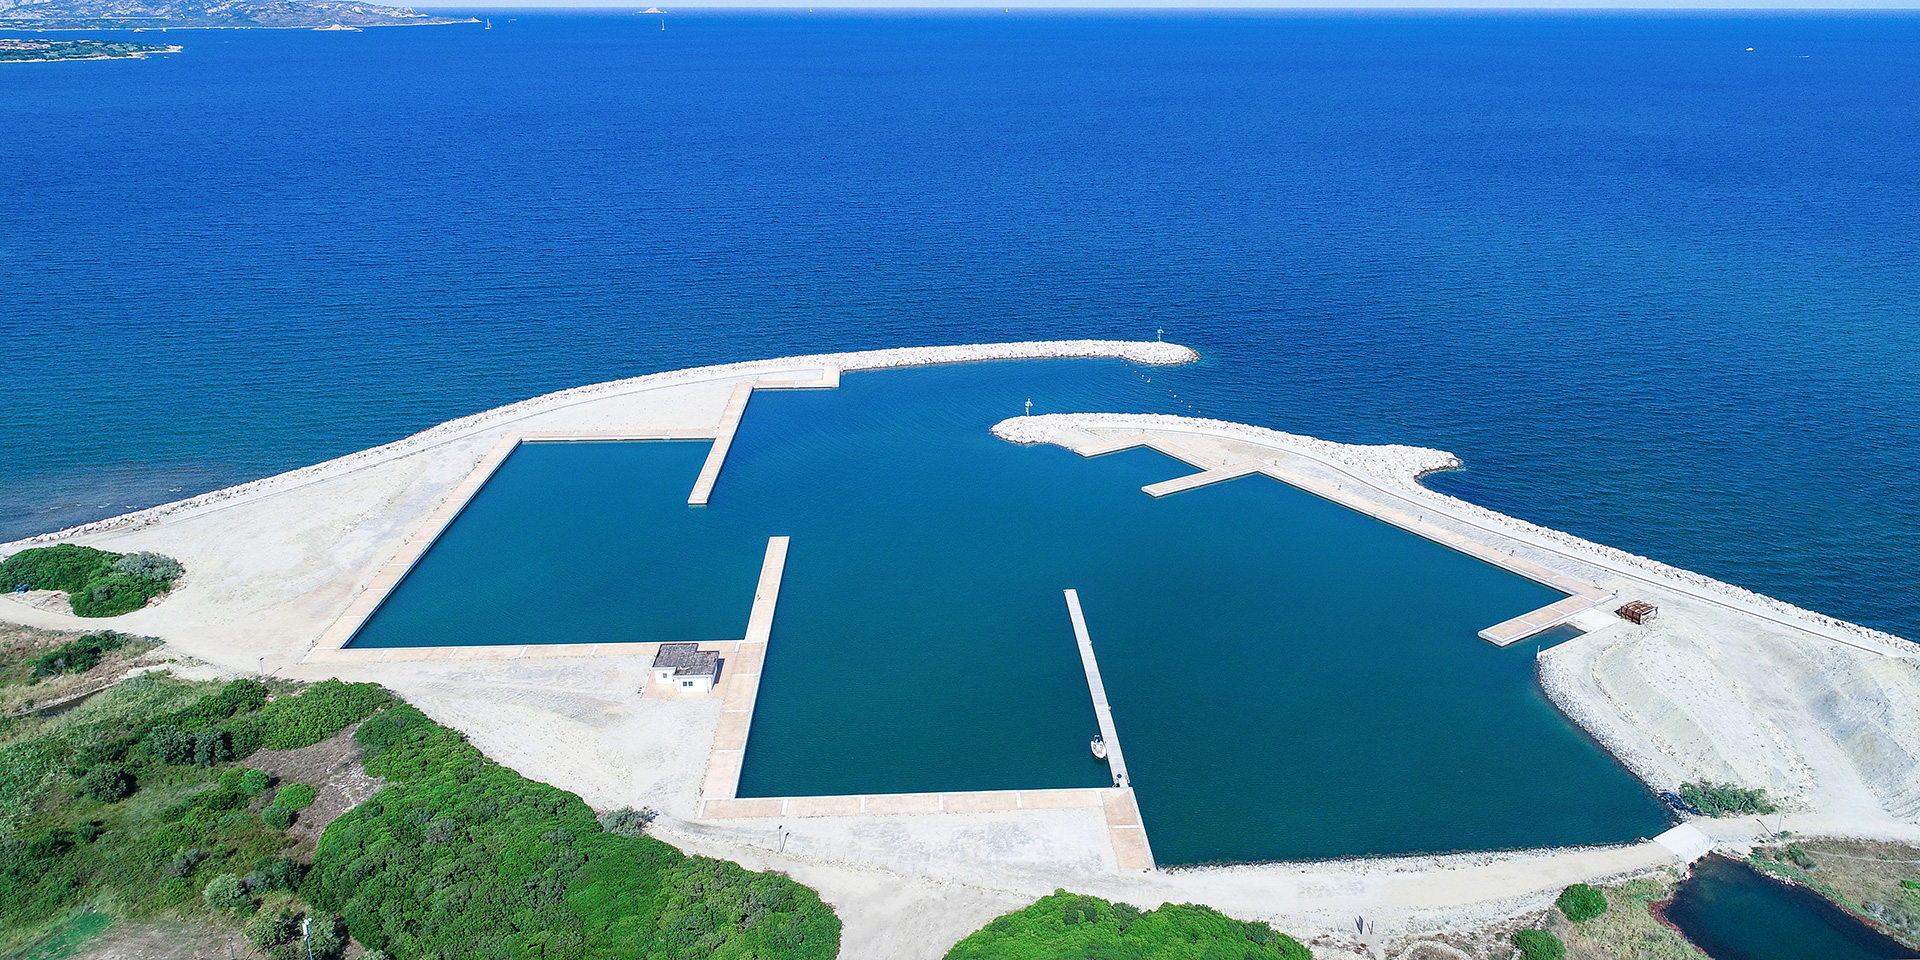 Porto di San Teodoro in Sardegna, Binini Partners, Società di architettura e ingegneria